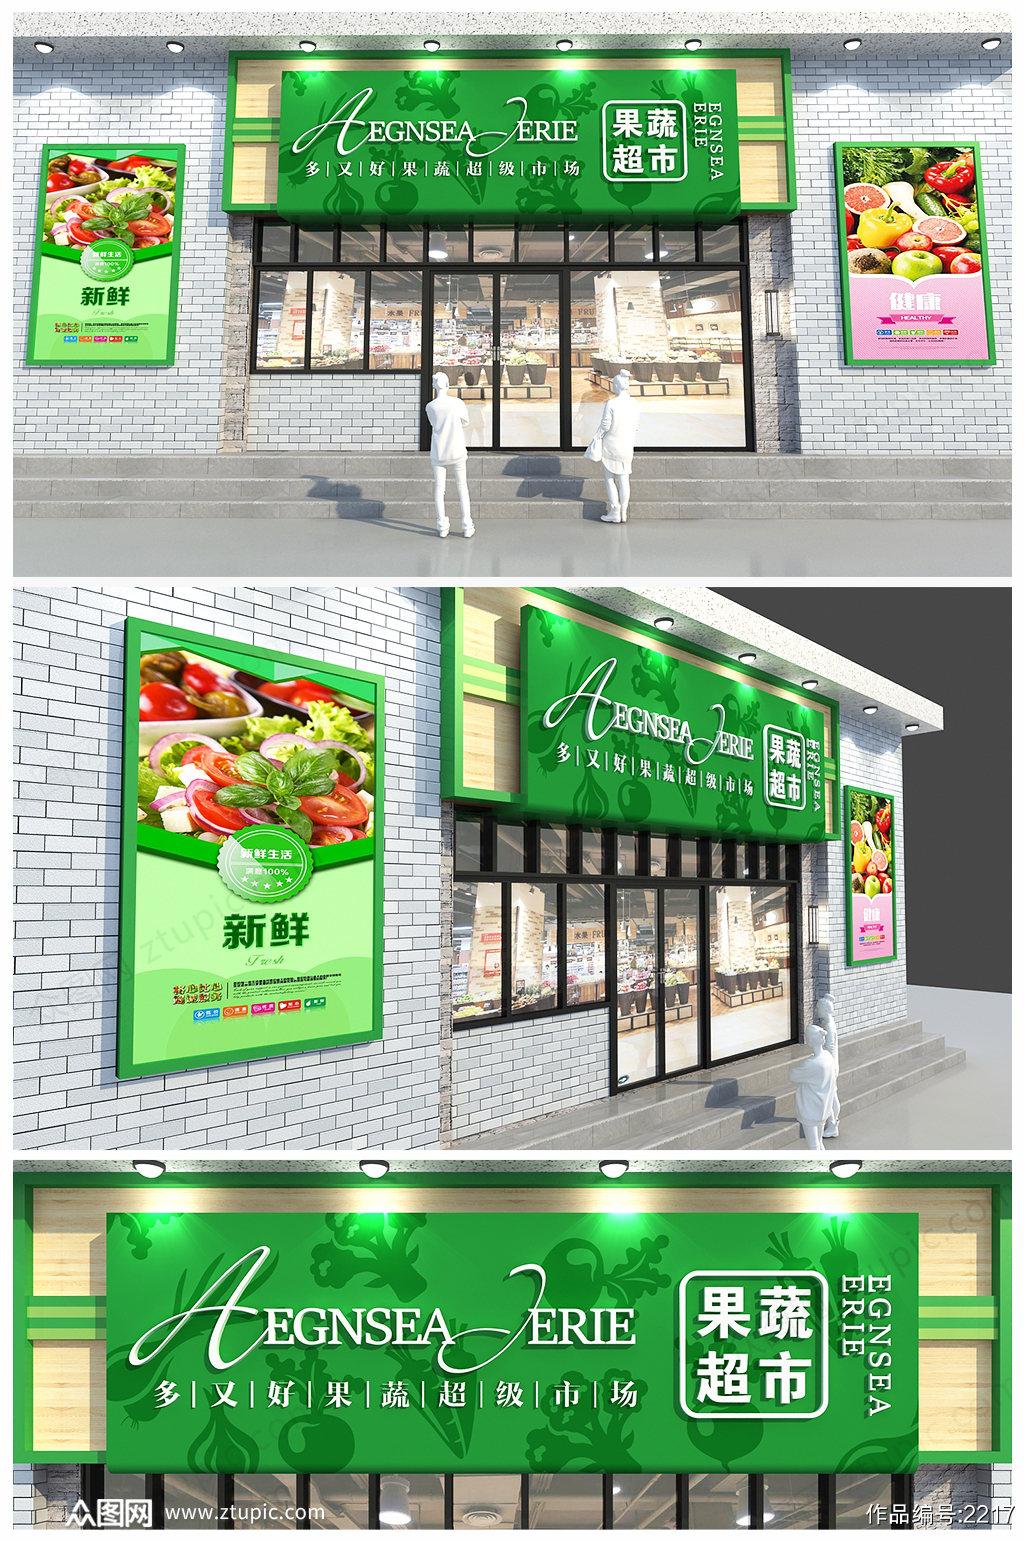 绿色原生态概念水果店蔬果超市门头设计效果图素材